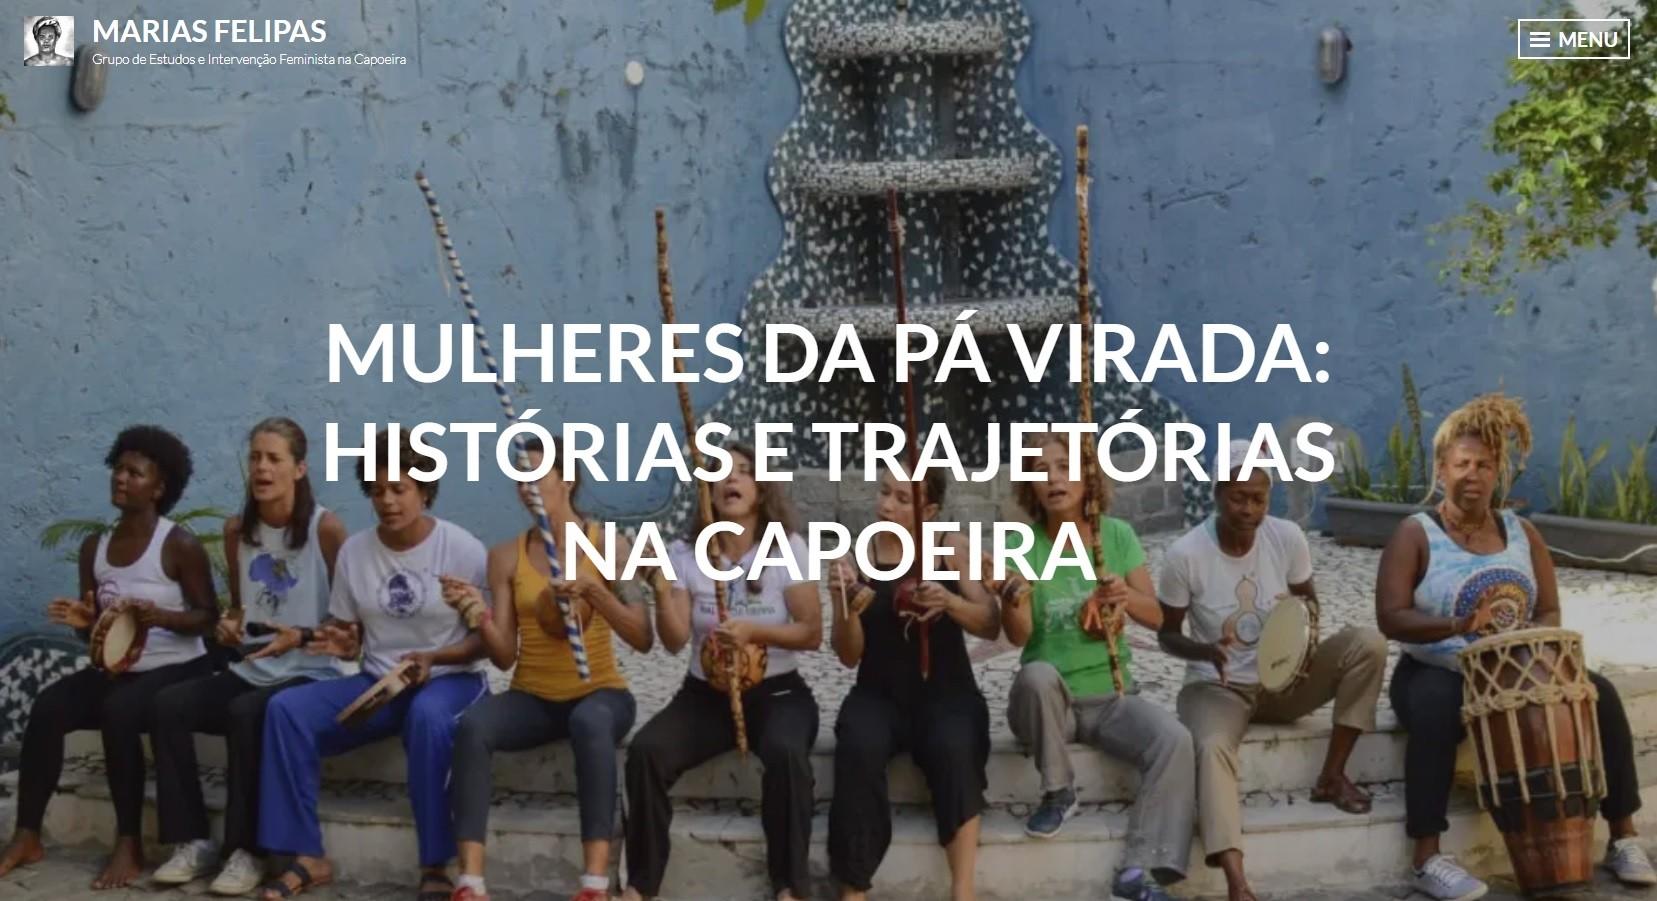 Portal Capoeira Tem mulher na roda! O empoderamento feminino Capoeira Capoeira Mulheres